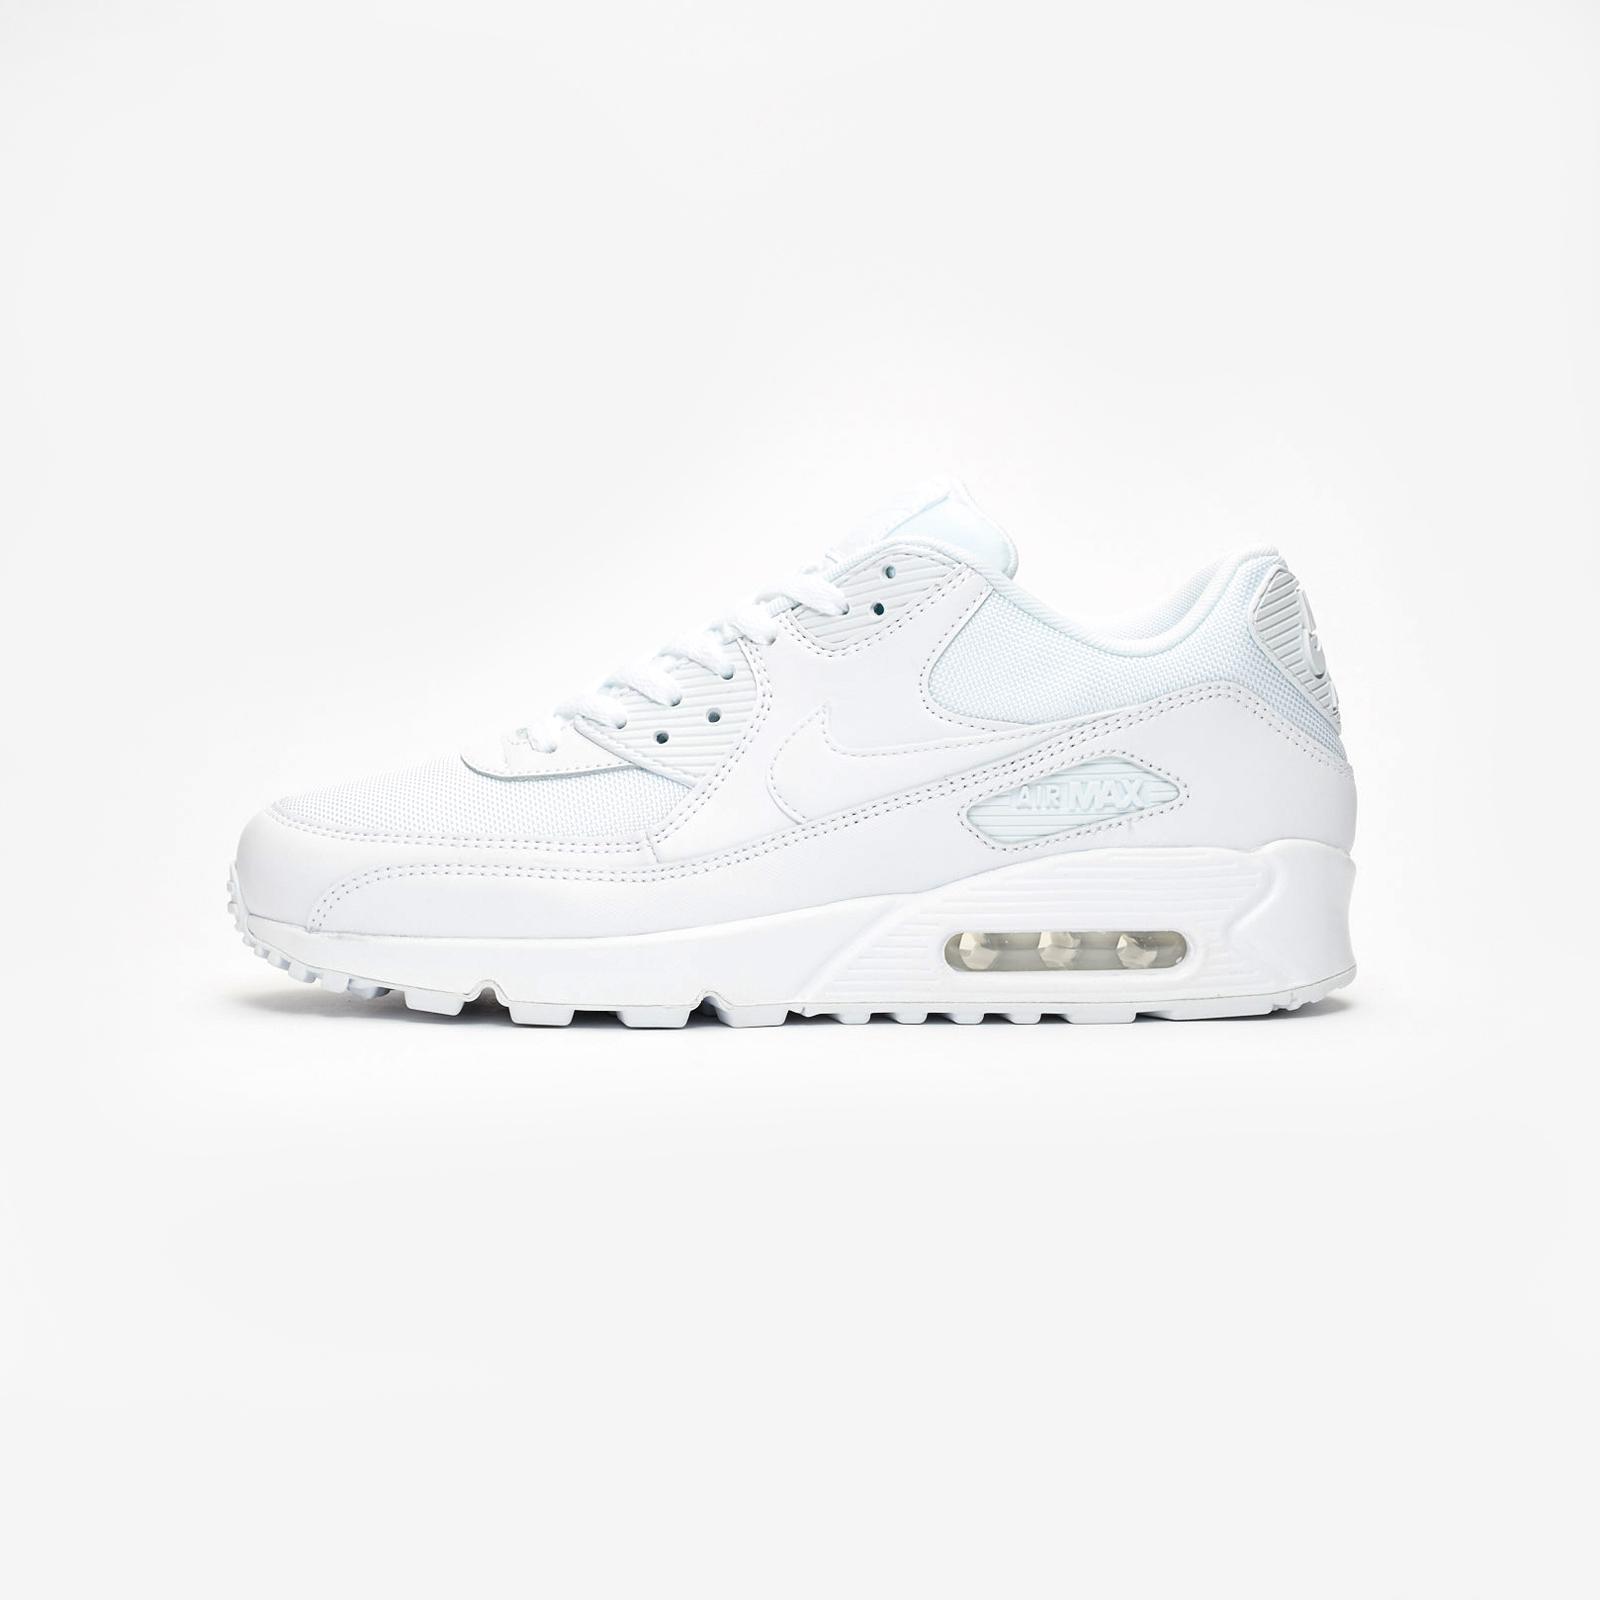 Nike Air Max 90 Essential 537384 012 Sneakersnstuff